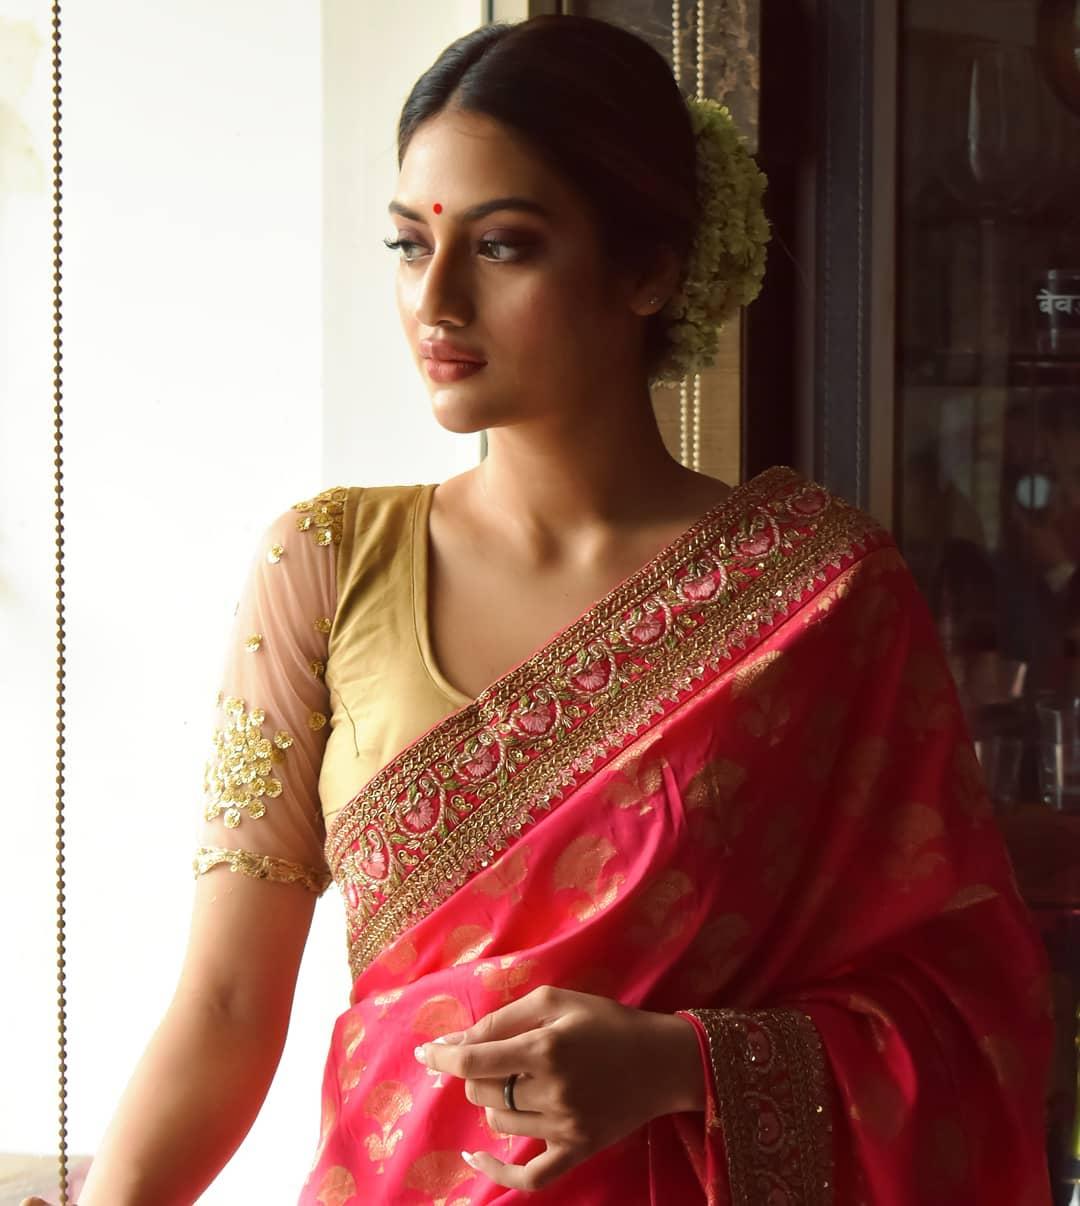 नुसरत जहाँच्या लग्नाच्या घोषणेनंतर आता तिच्या सोशल मीडिया अकाउंटवरुन तिच्या लग्नाशी निगडित माहिती मिळायला सुरुवात झाली आहे.